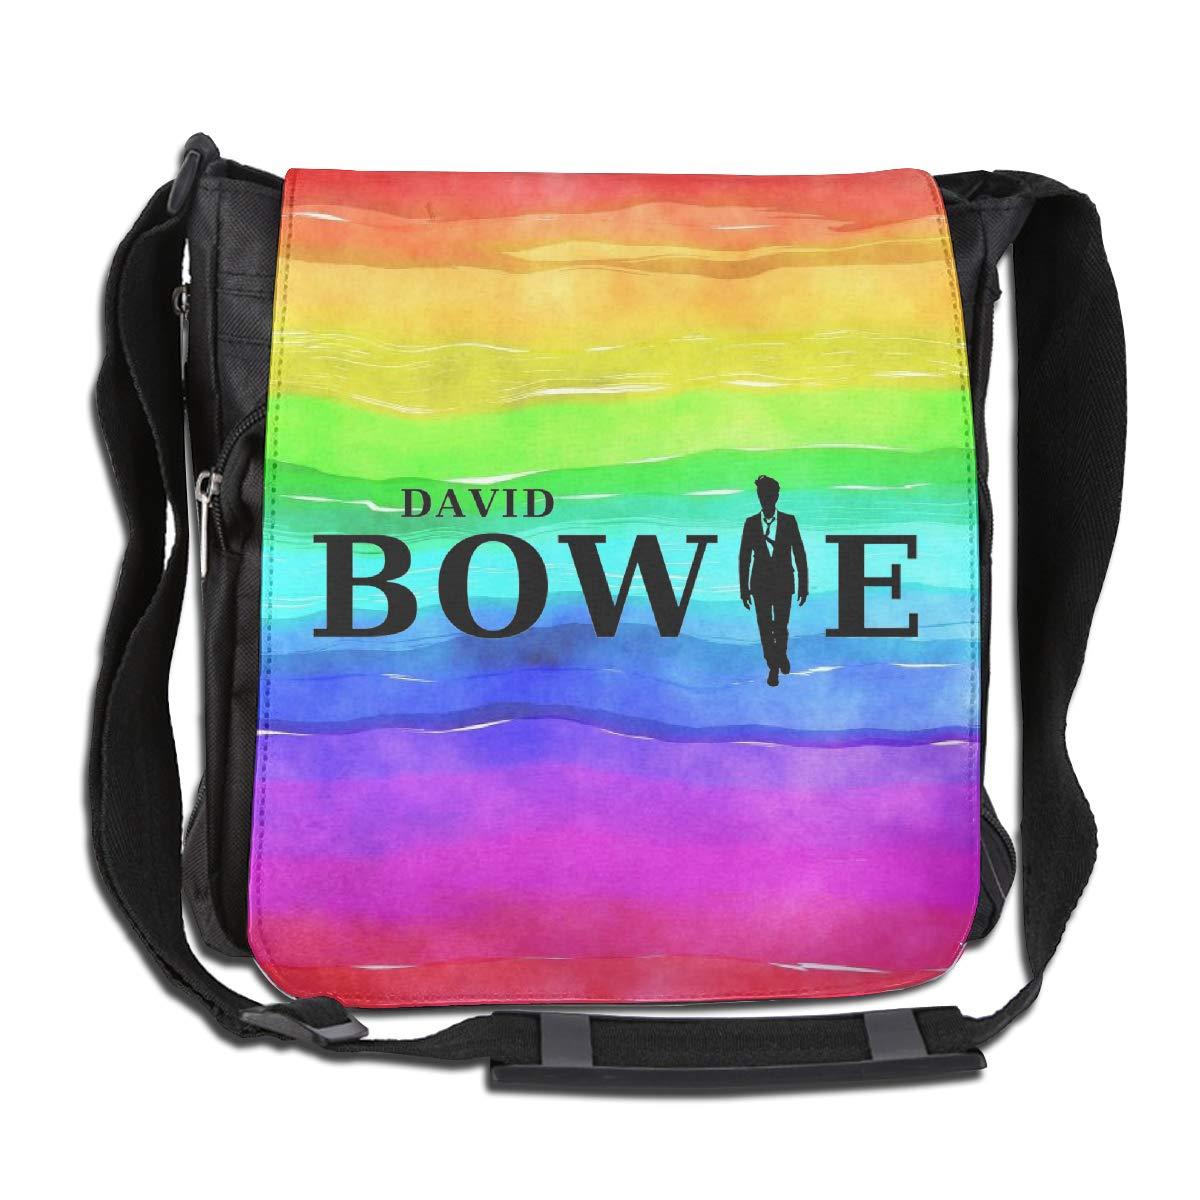 Messenger Bag Bowie Shoulder Bag For All-Purpose Use